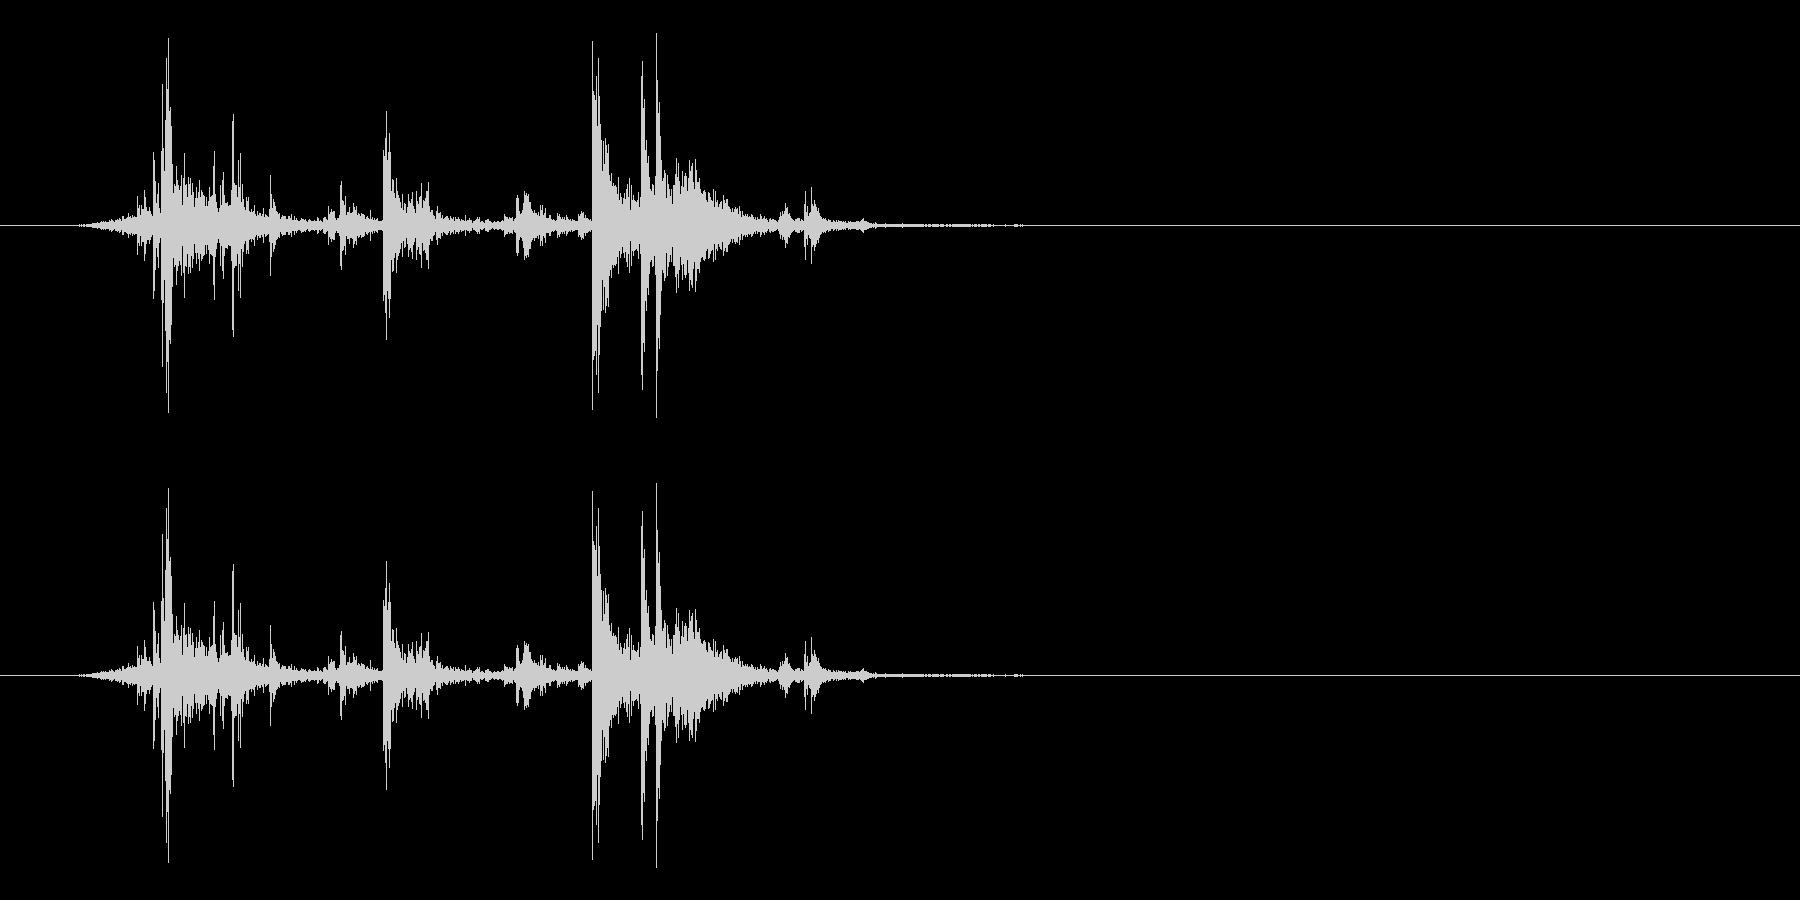 アタッシュケースの留め具を開ける音_2 の未再生の波形